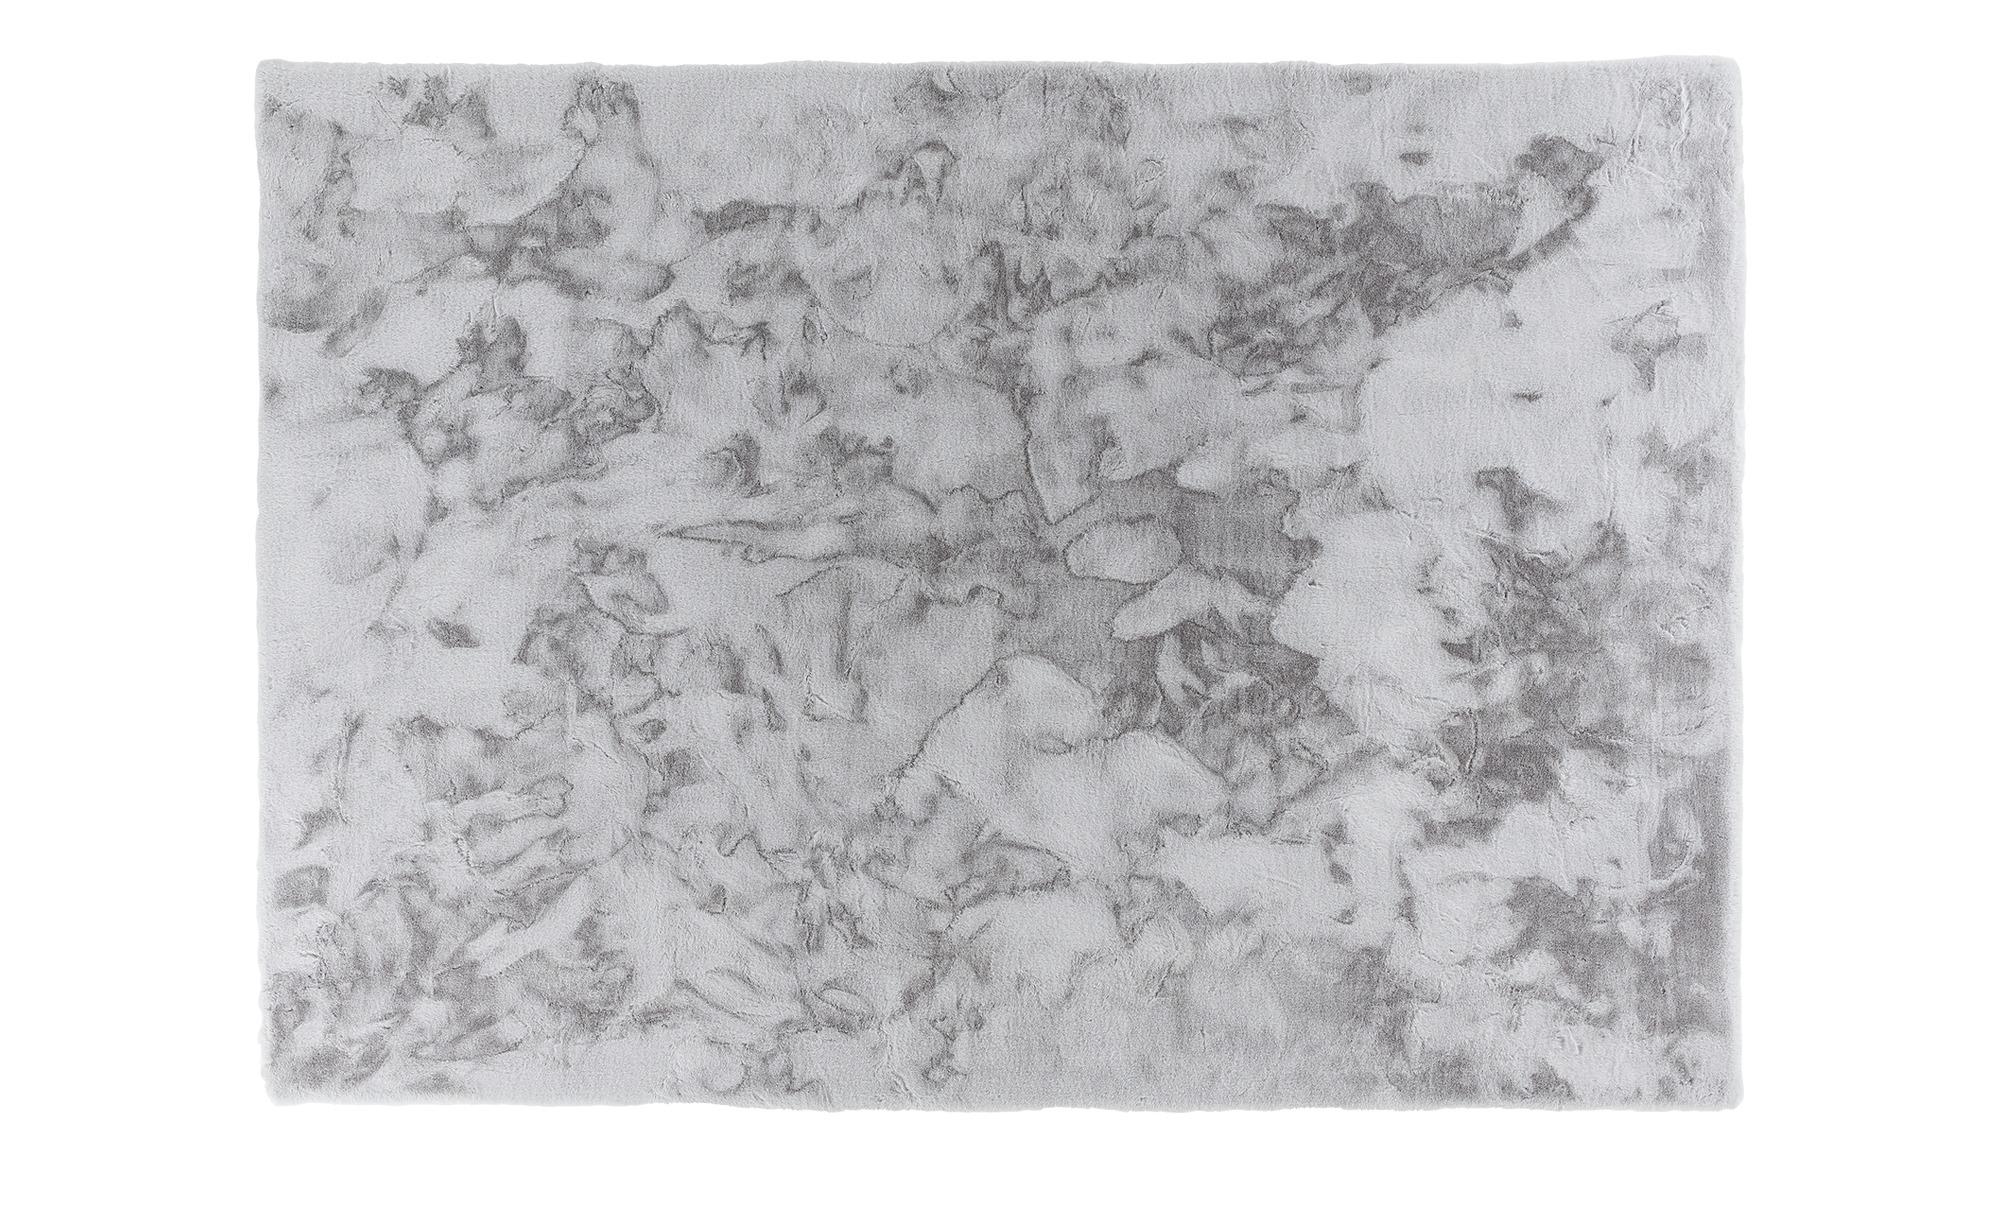 SCHÖNER WOHNEN Webteppich  Tender ¦ silber ¦ 100% Polyester, Synthethische Fasern ¦ Maße (cm): B: 130 Teppiche > Wohnteppiche - Höffner